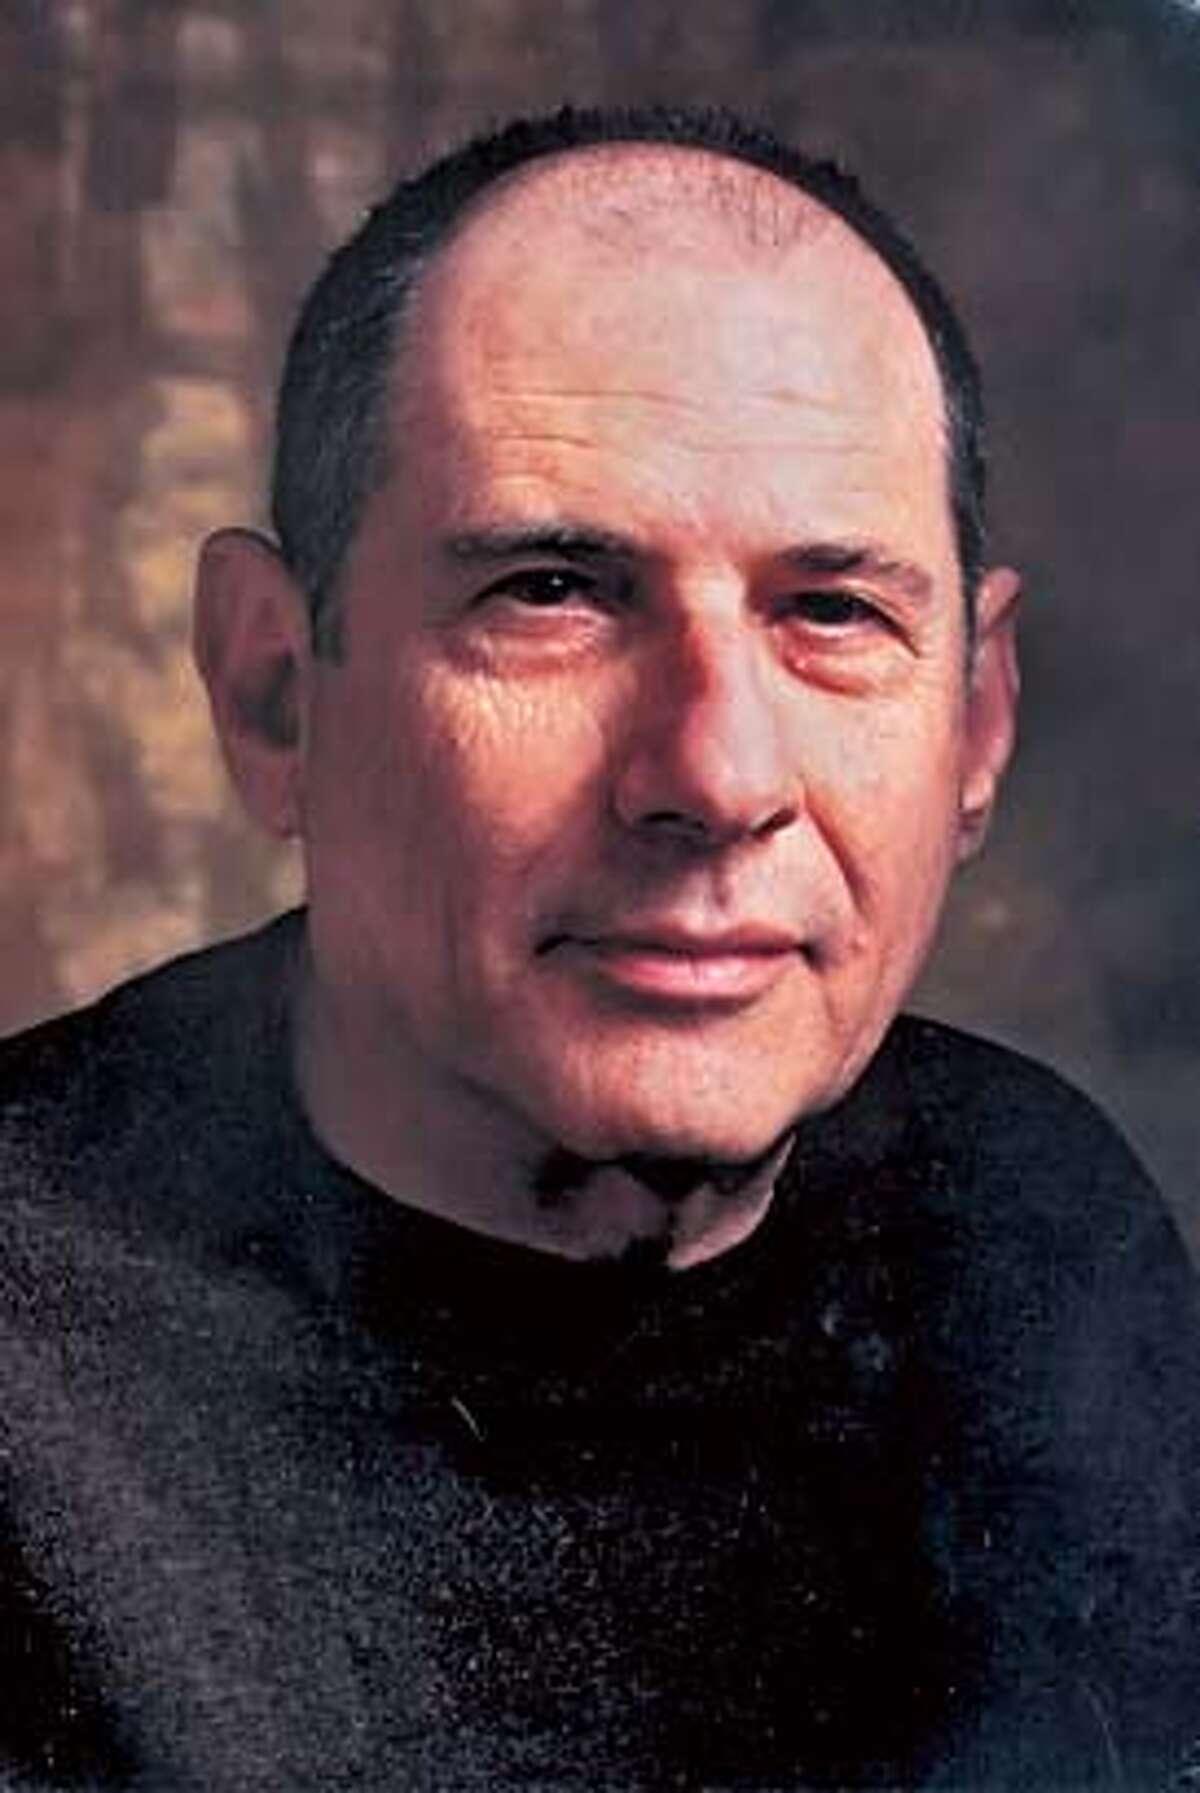 Obituary photo of Donald Rothchild.